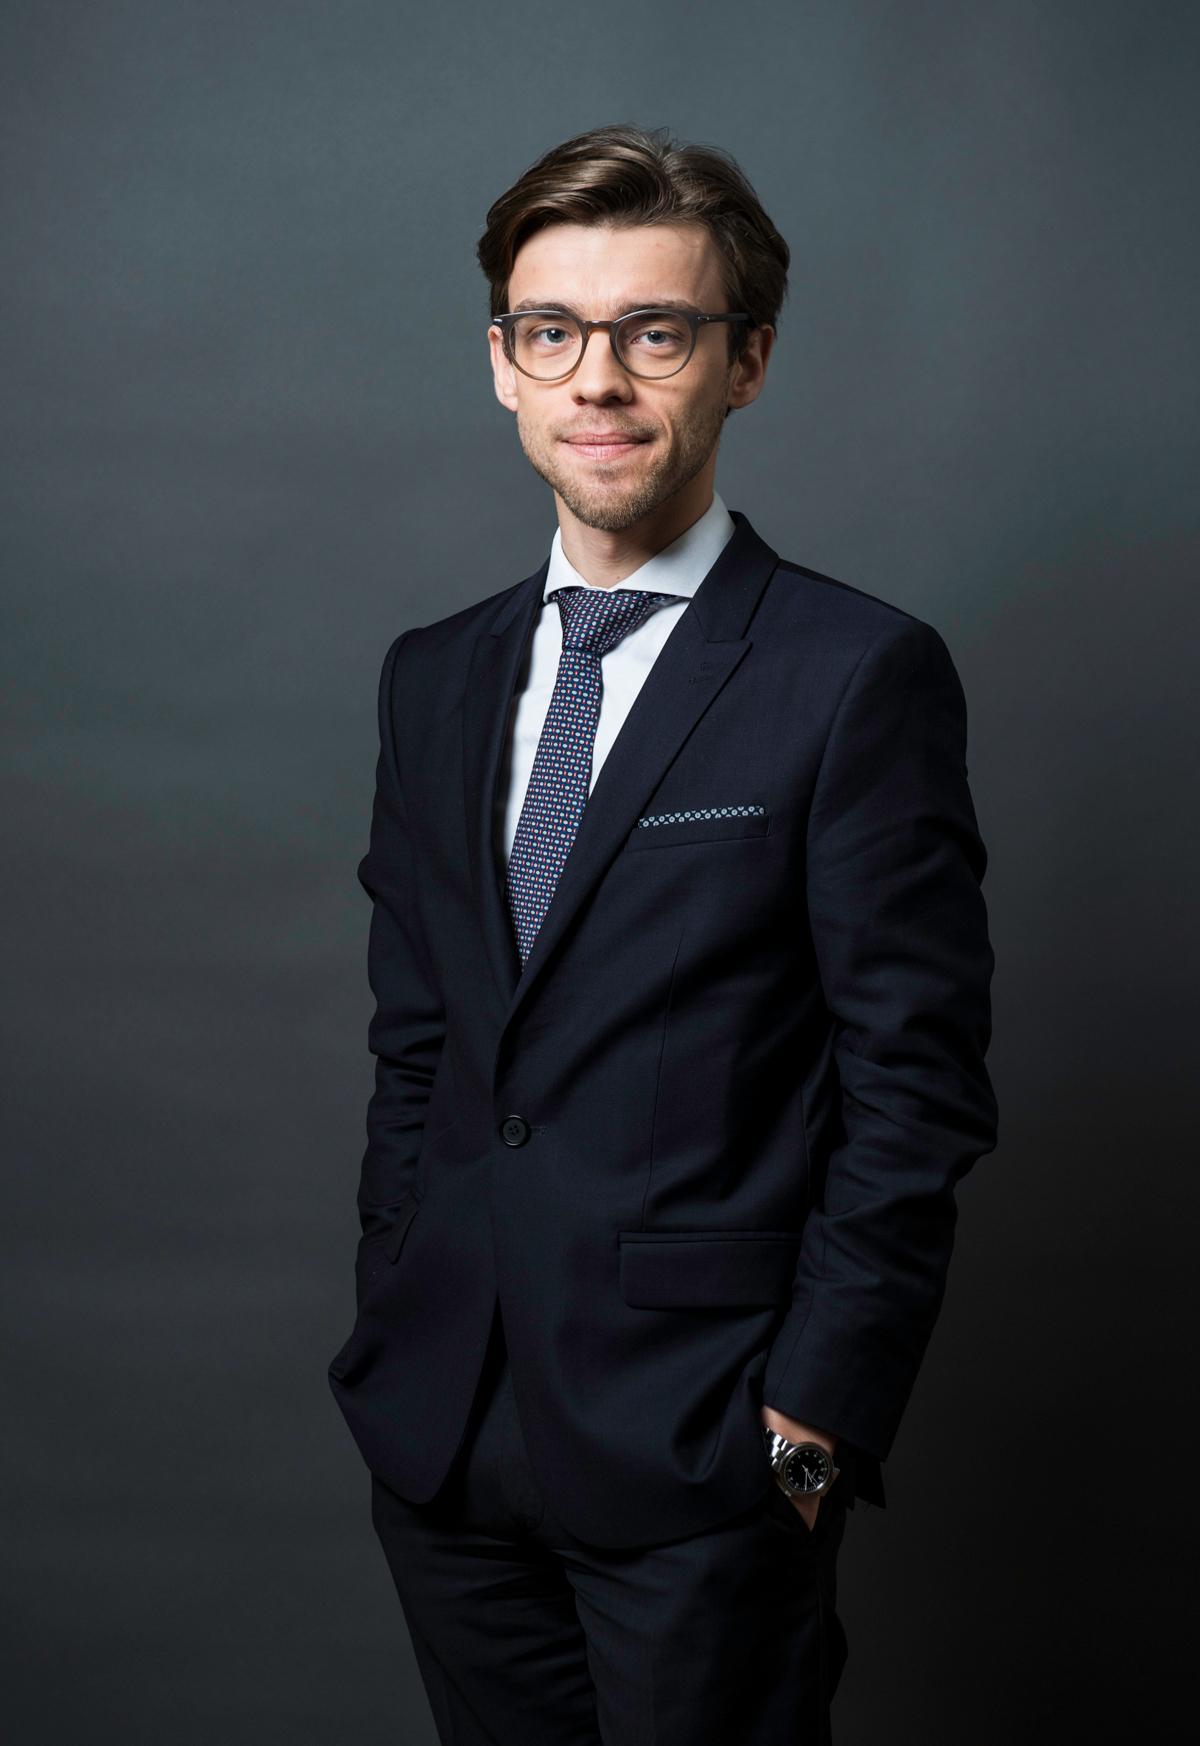 Thomas Poulard